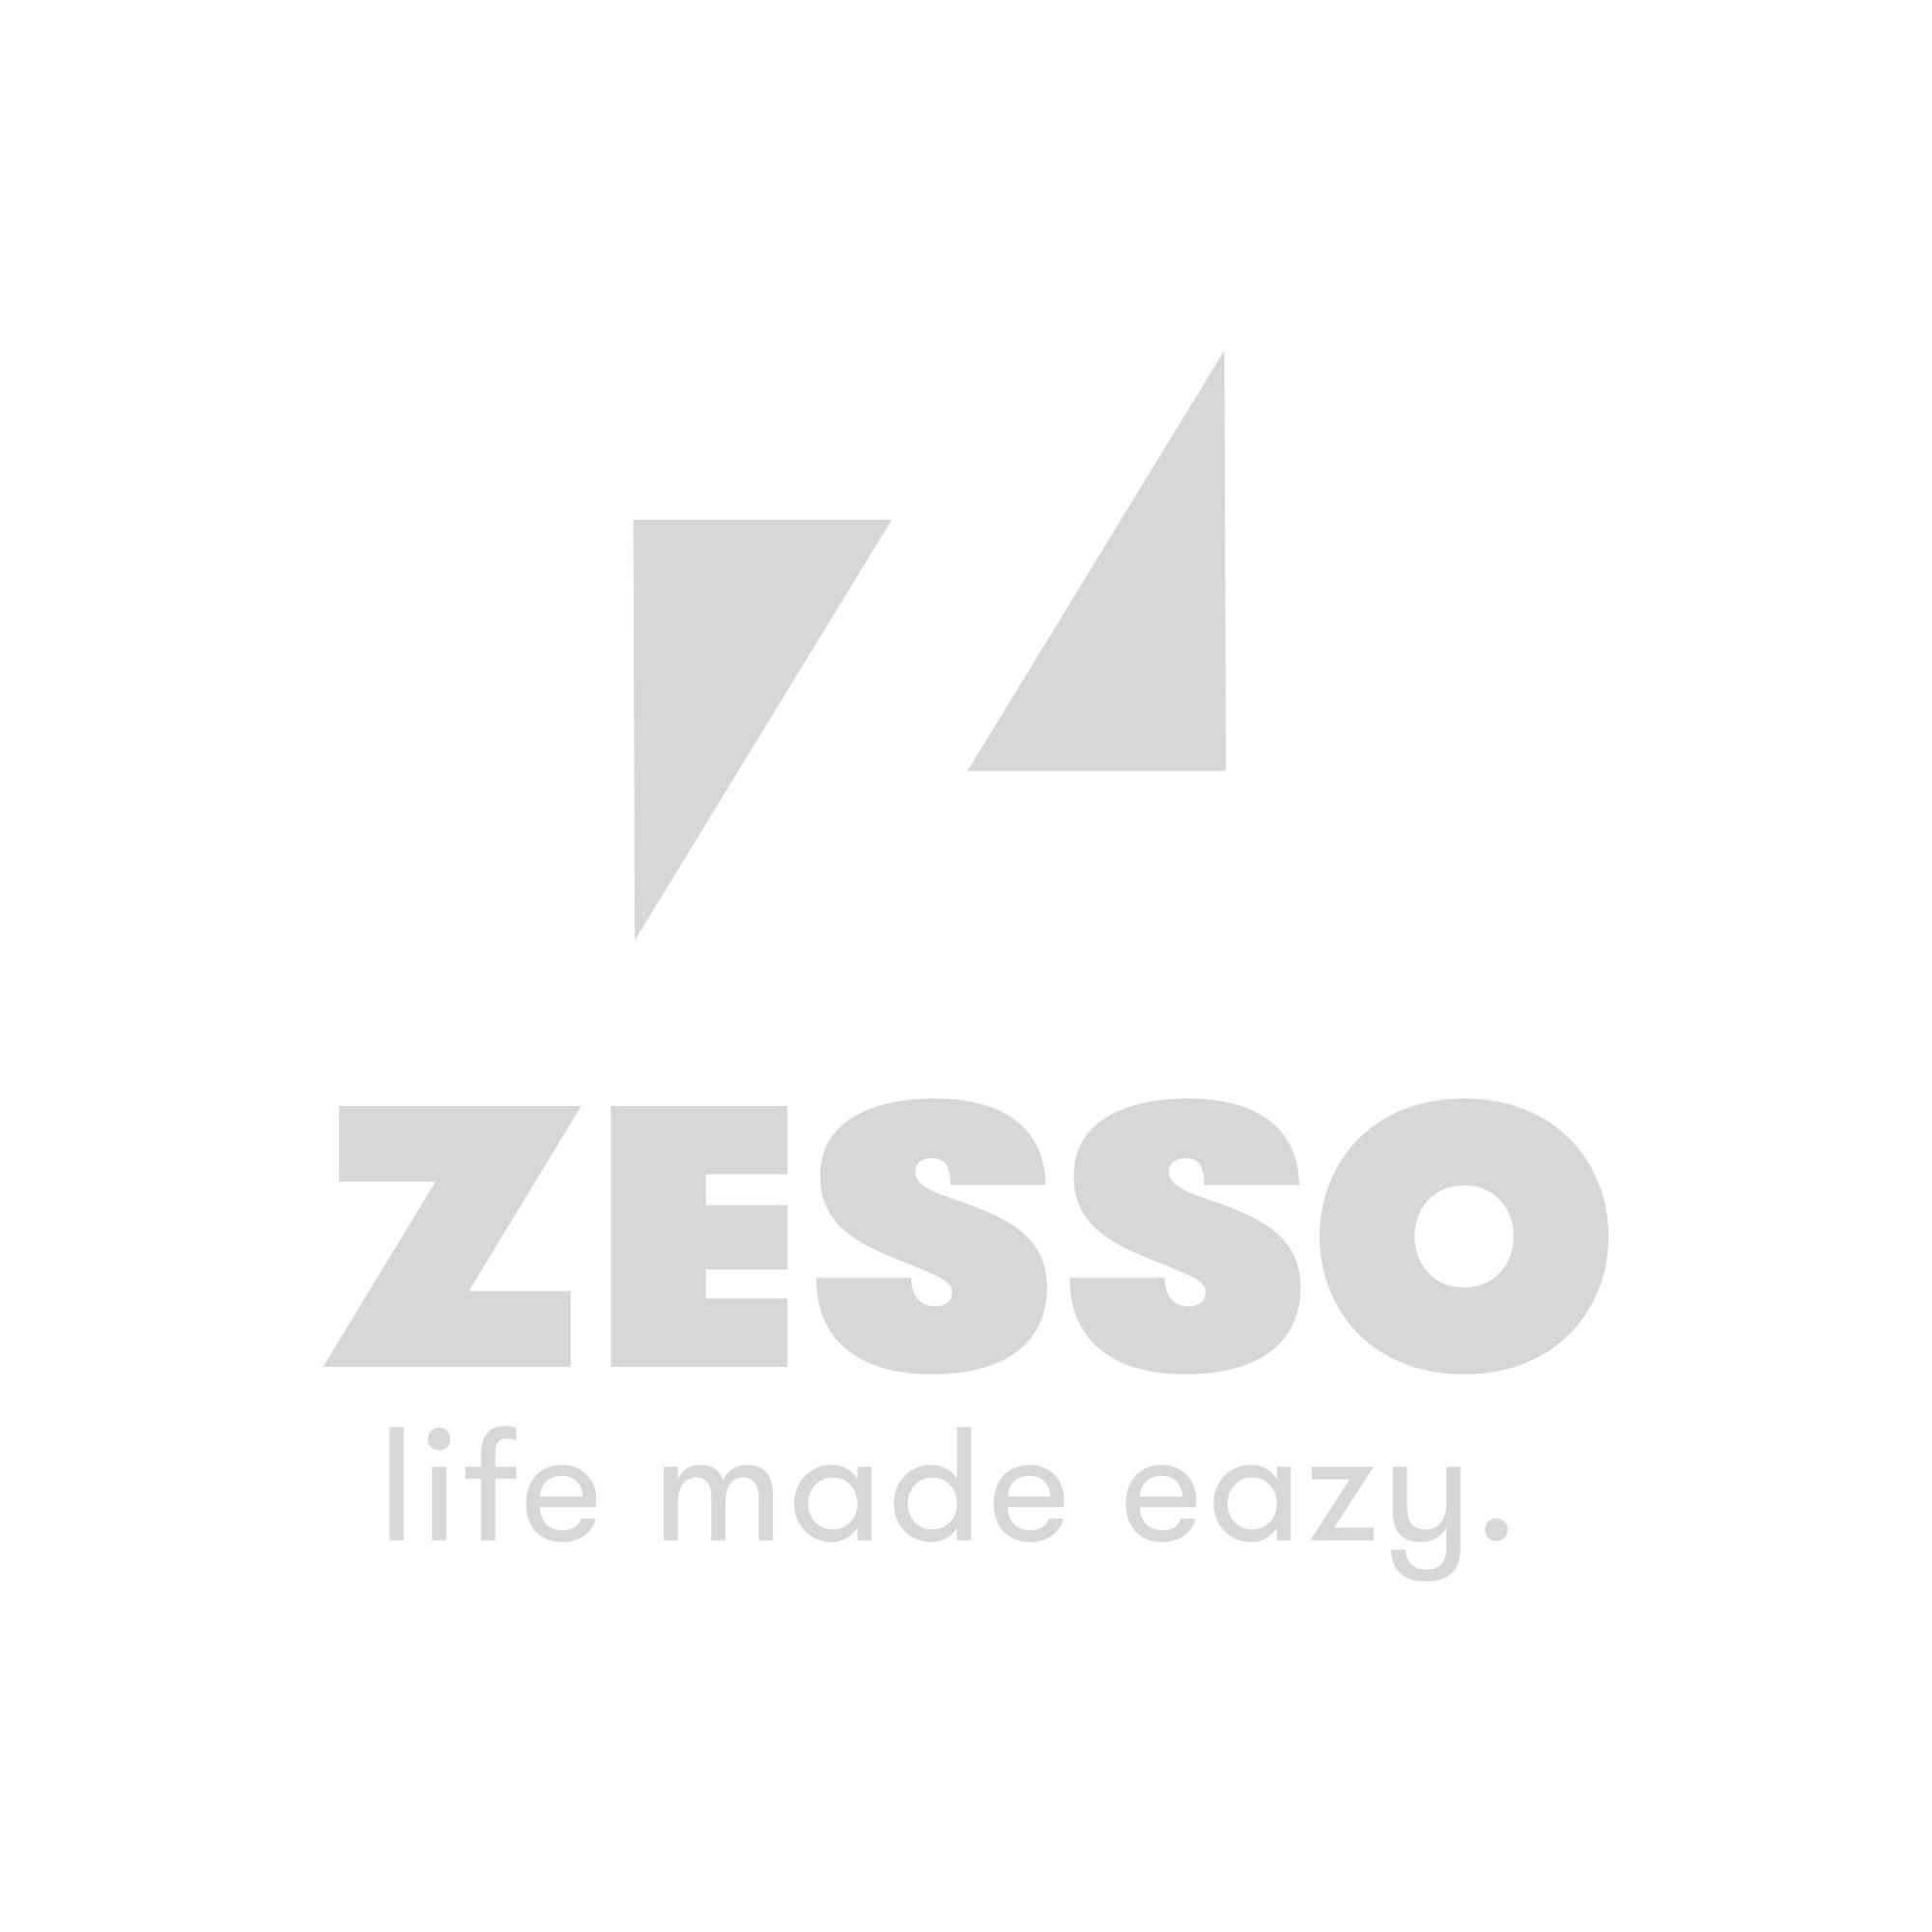 Baytex Collagelijst Shine 4 Foto's Zwart